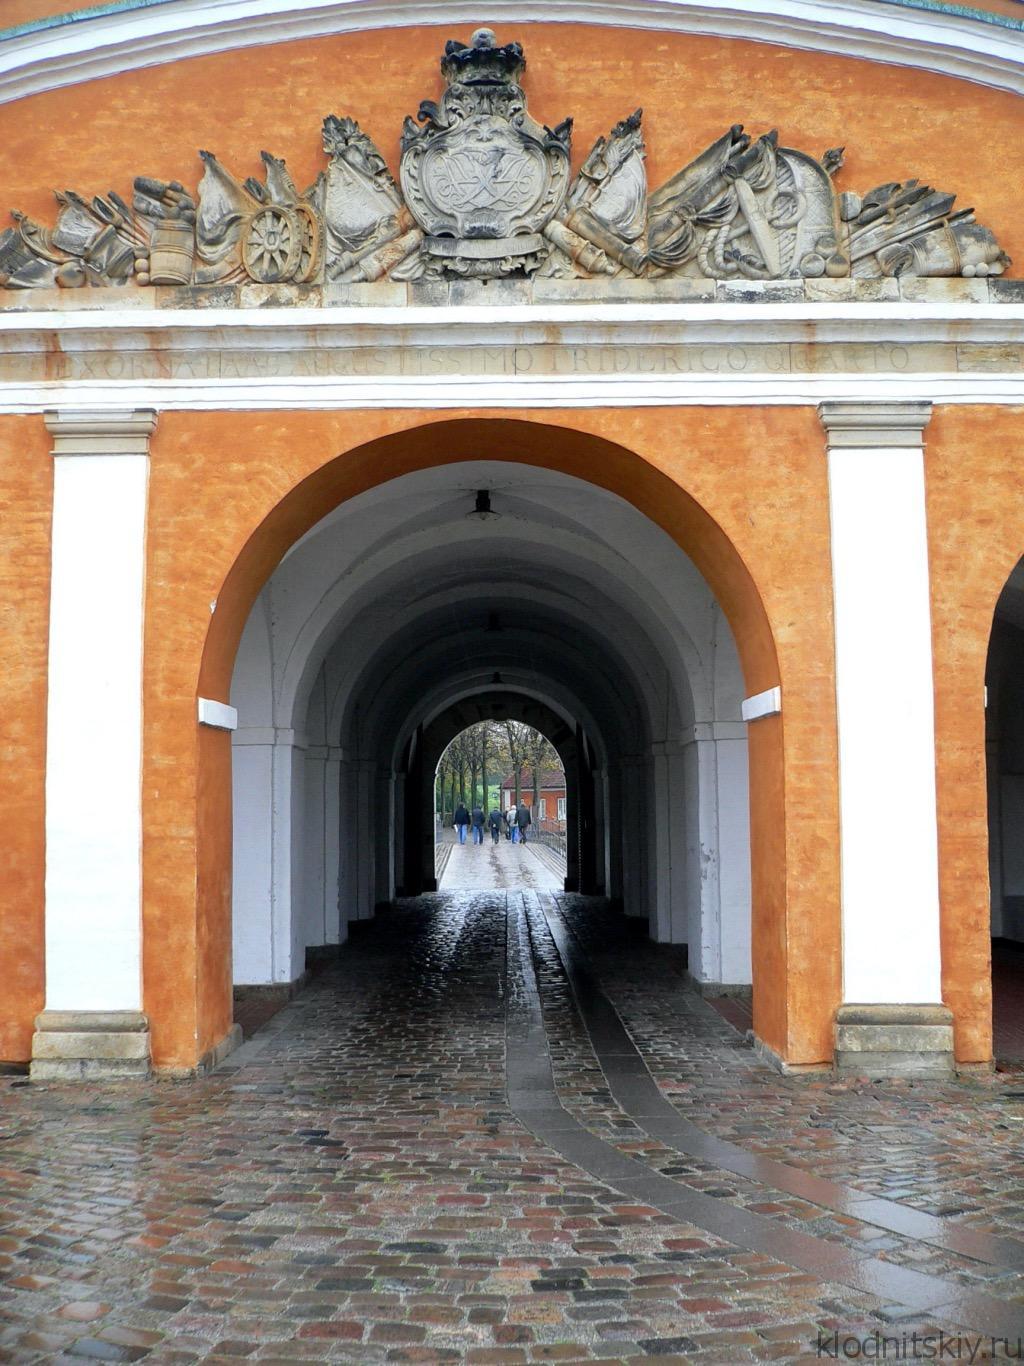 Замок Гамлета, Кронборг, Дания